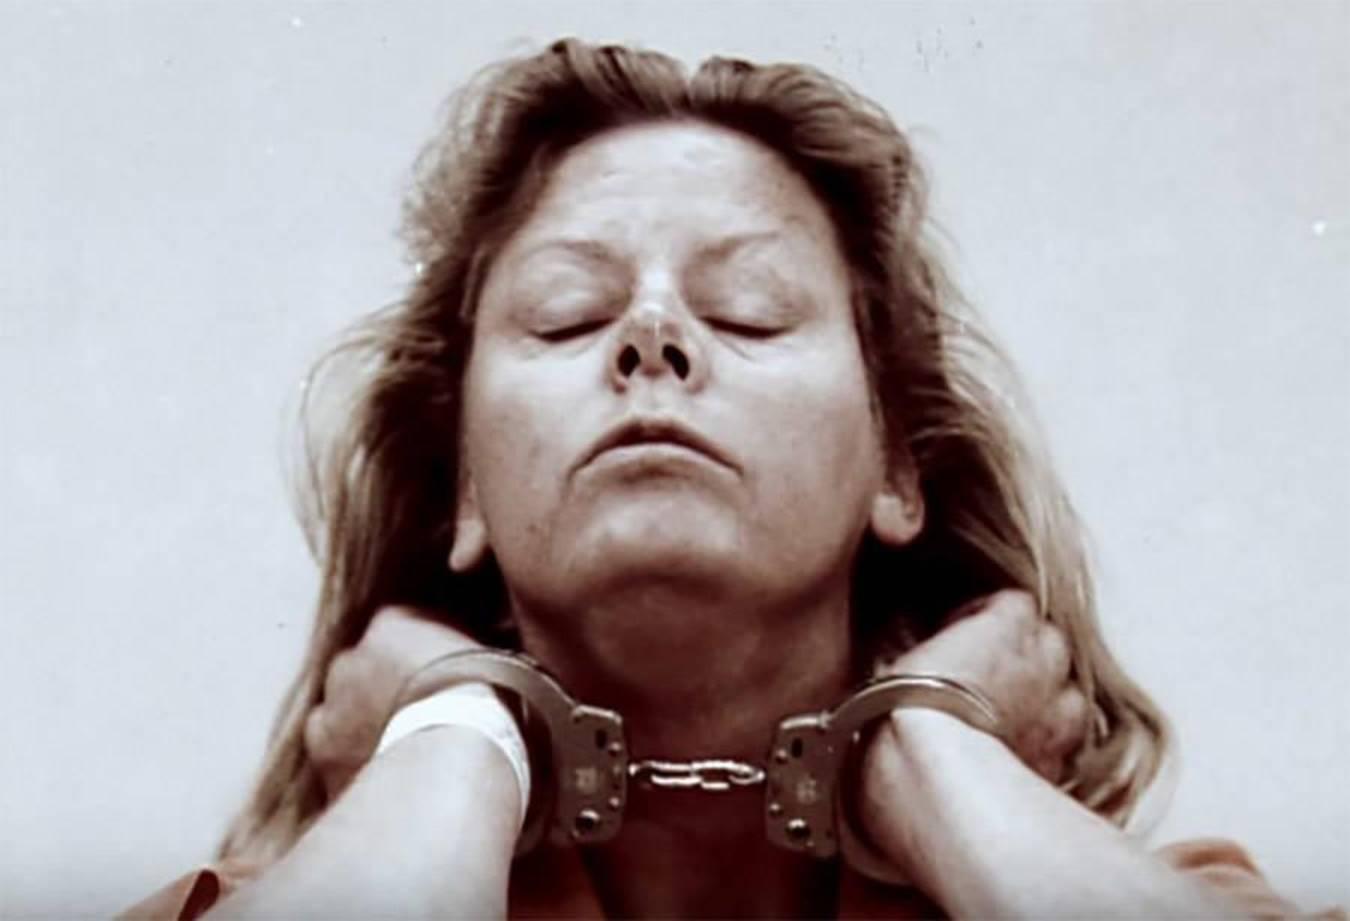 Gái mại dâm trở thành sát thủ khét tiếng nhất lịch sử-1